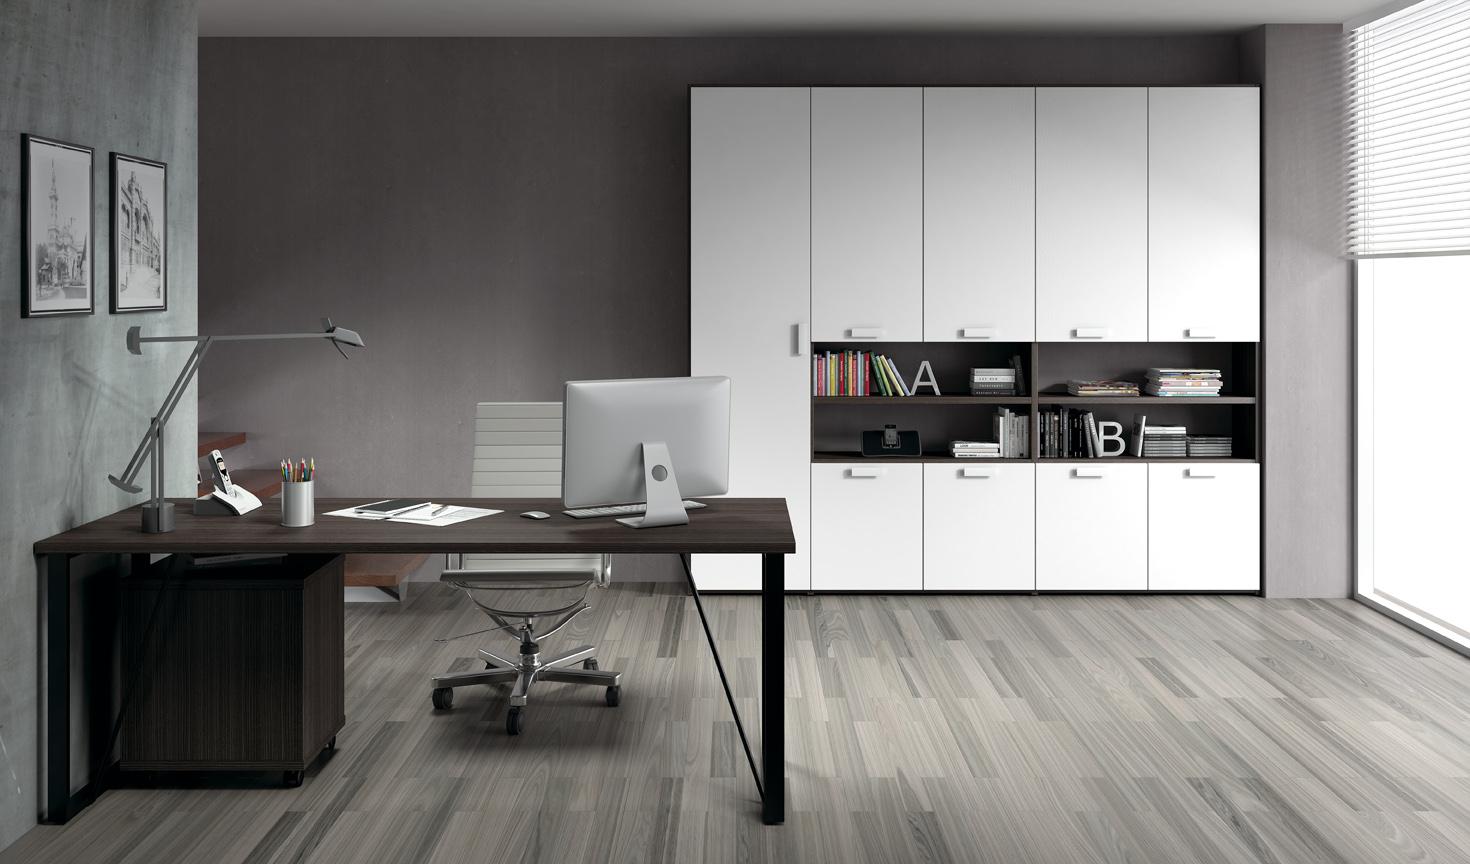 Llar del modul despachos for Despachos modernos